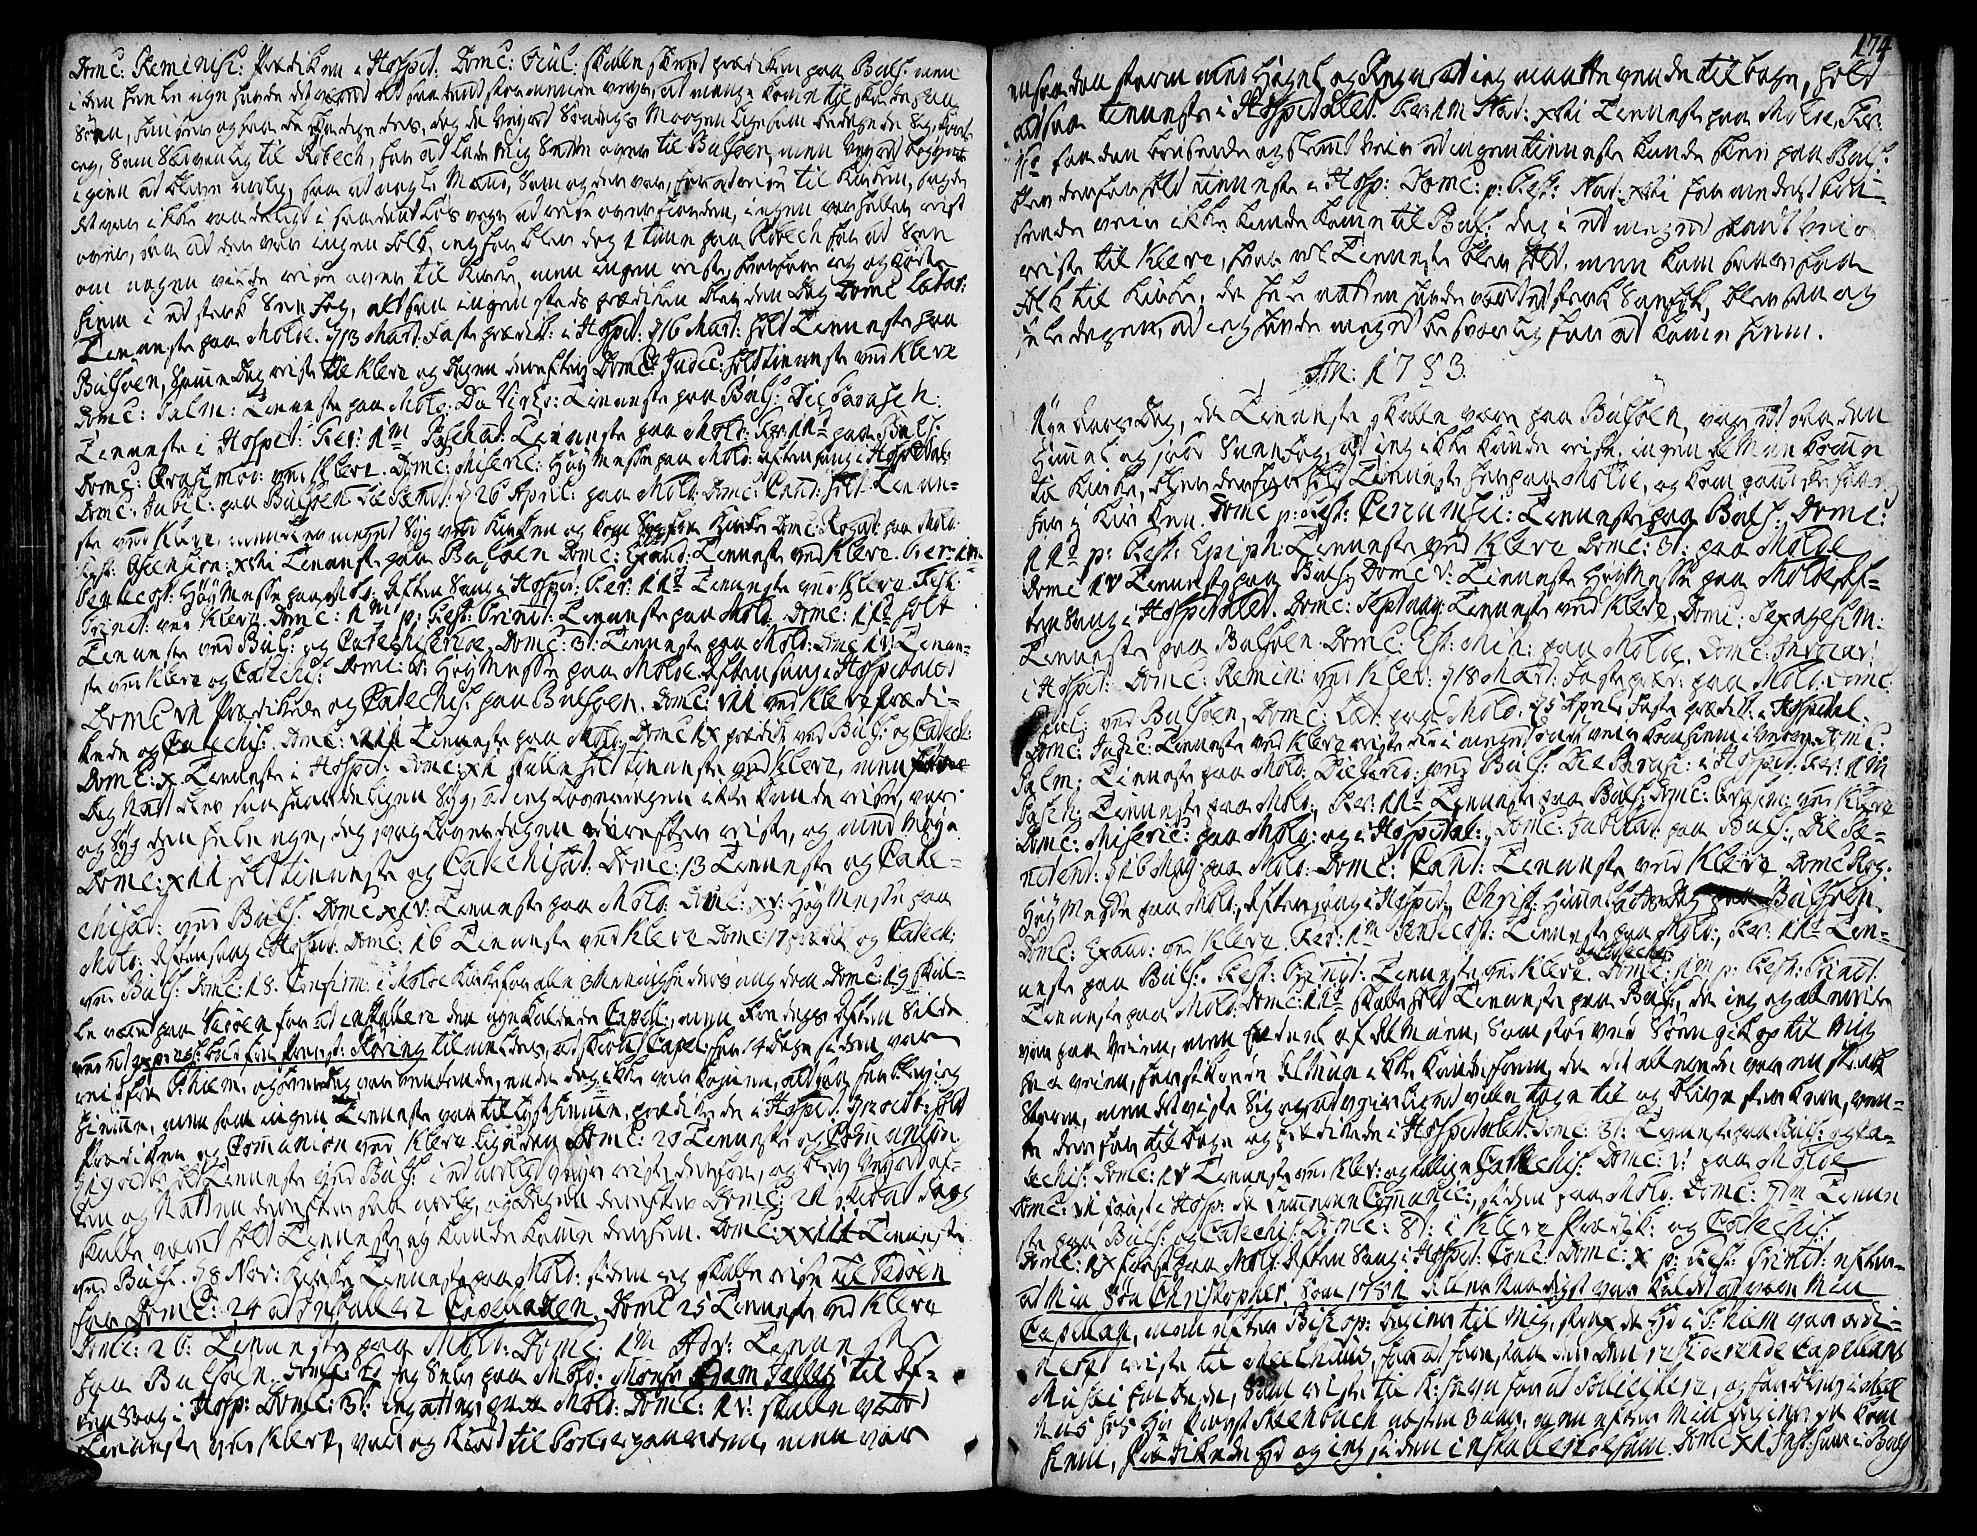 SAT, Ministerialprotokoller, klokkerbøker og fødselsregistre - Møre og Romsdal, 555/L0648: Parish register (official) no. 555A01, 1759-1793, p. 174